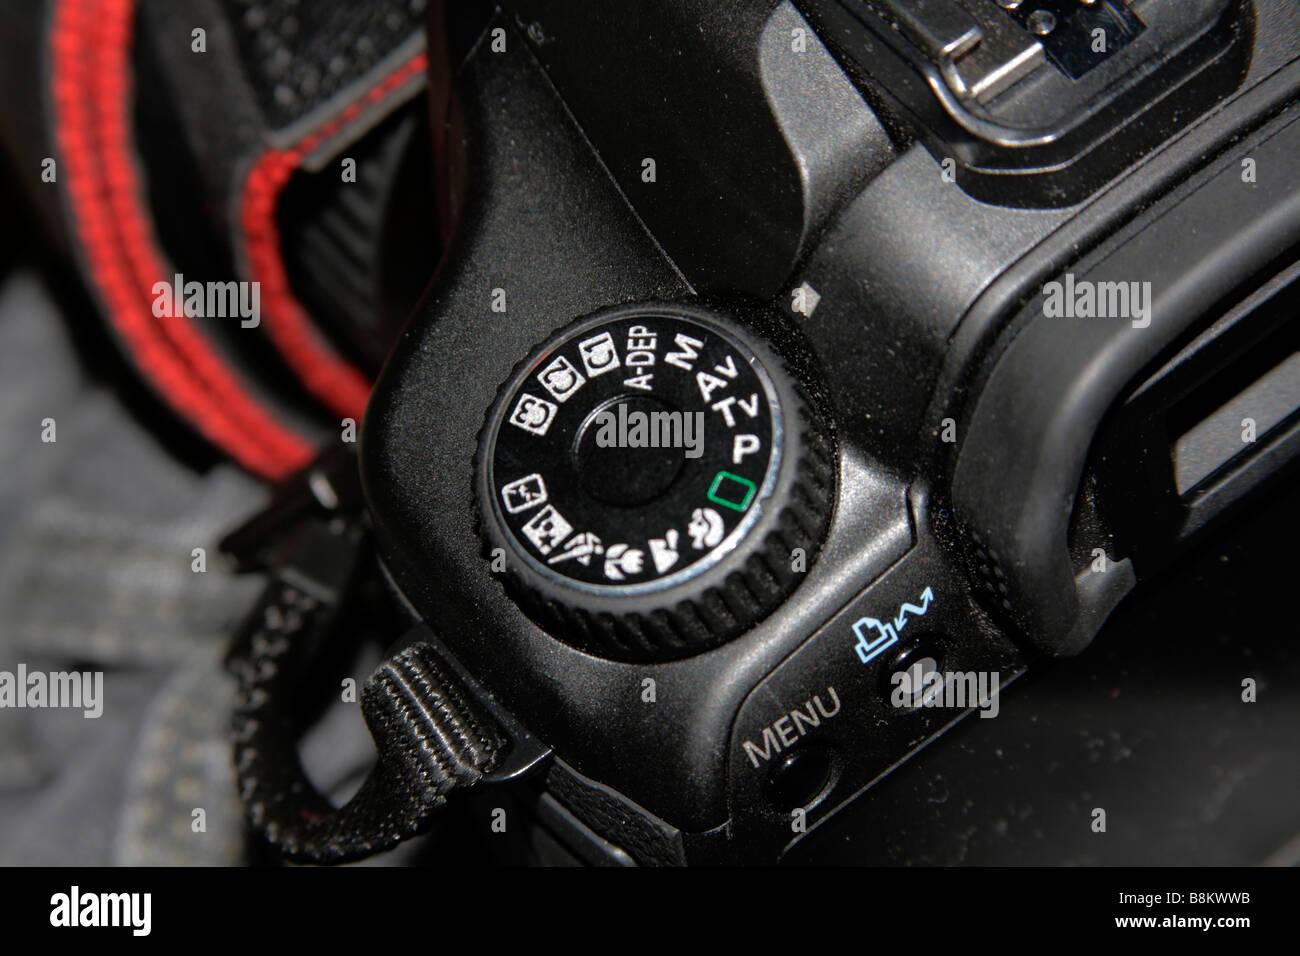 Canon EOS 40D mode selector dial. - Stock Image